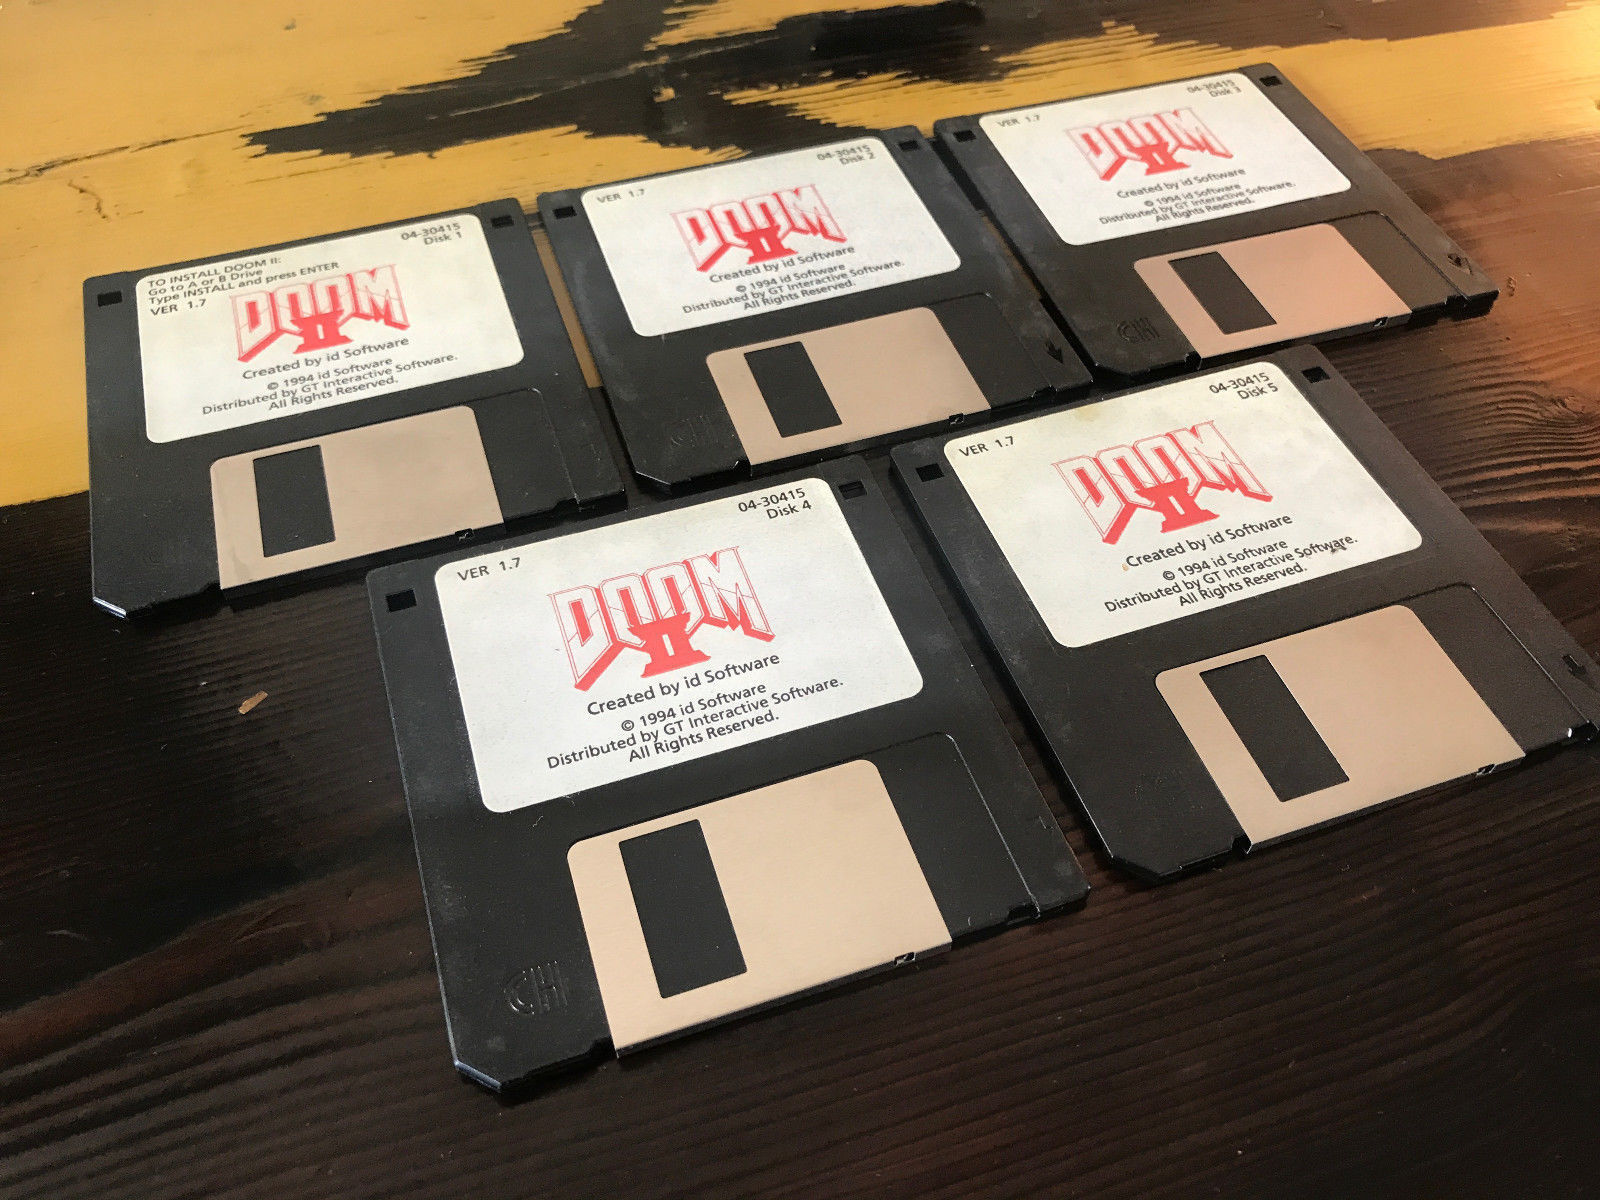 The Original Copy Of Doom 2 For Auction Gadgets F